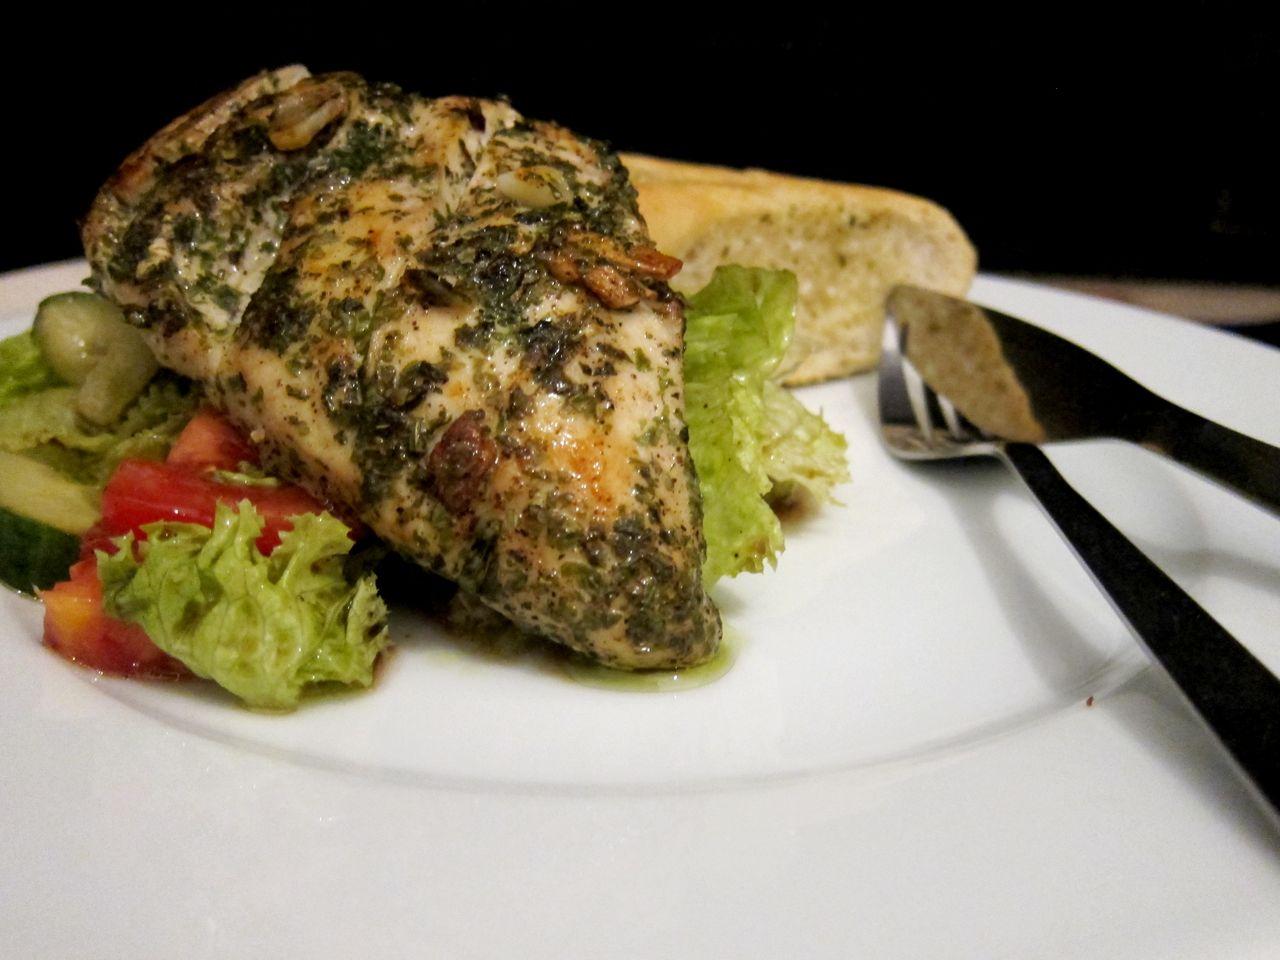 Leckere Rezepte: Knoblauch-Basilikum-Hühnchen